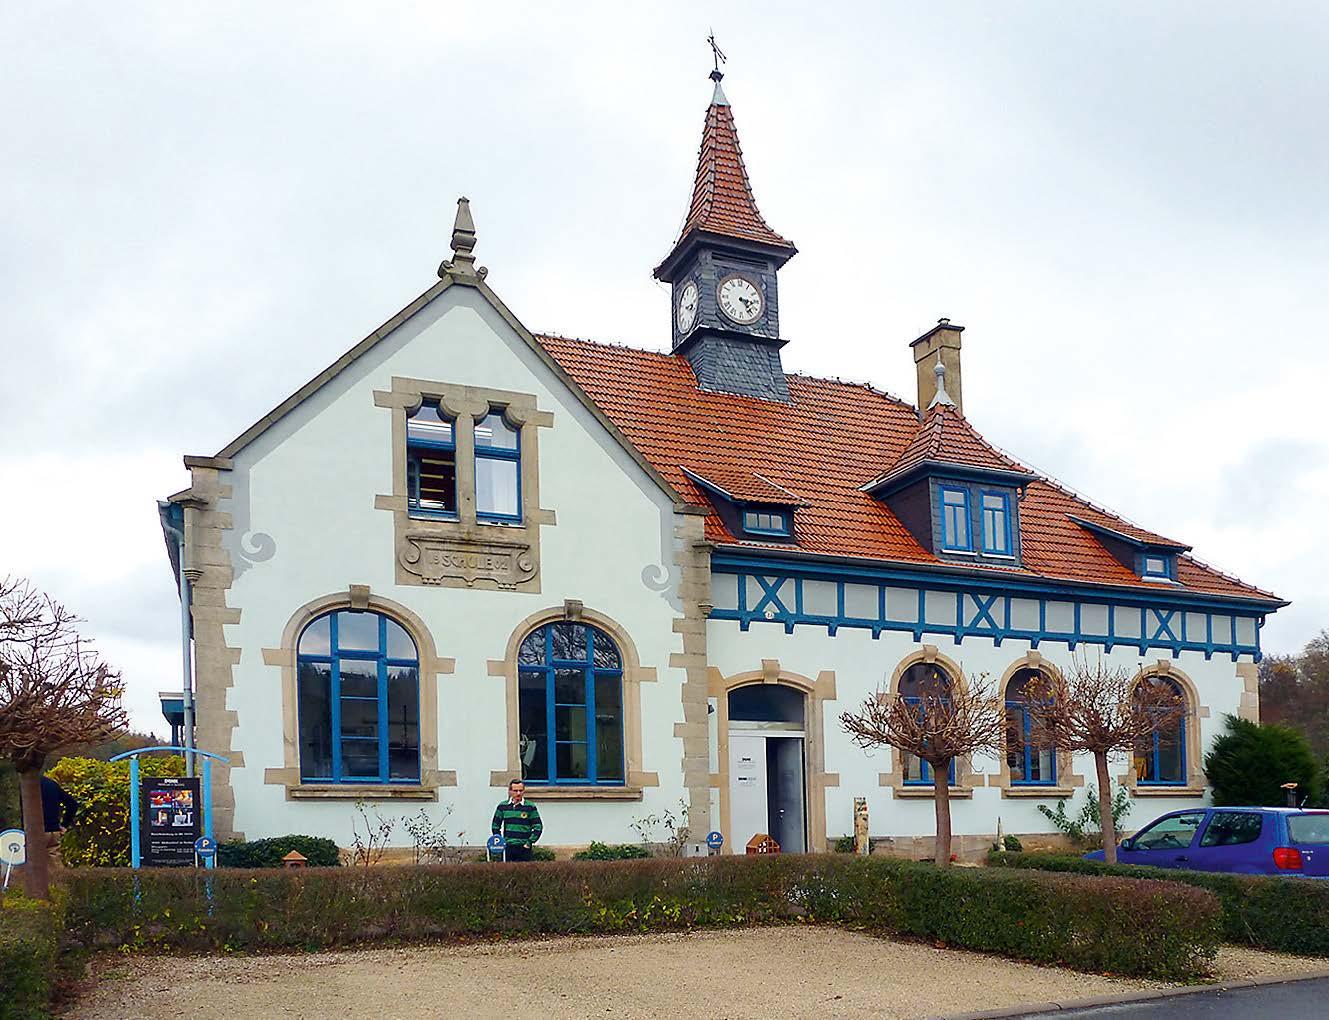 Firmensitz, der ehemaligen Schule des Ortes